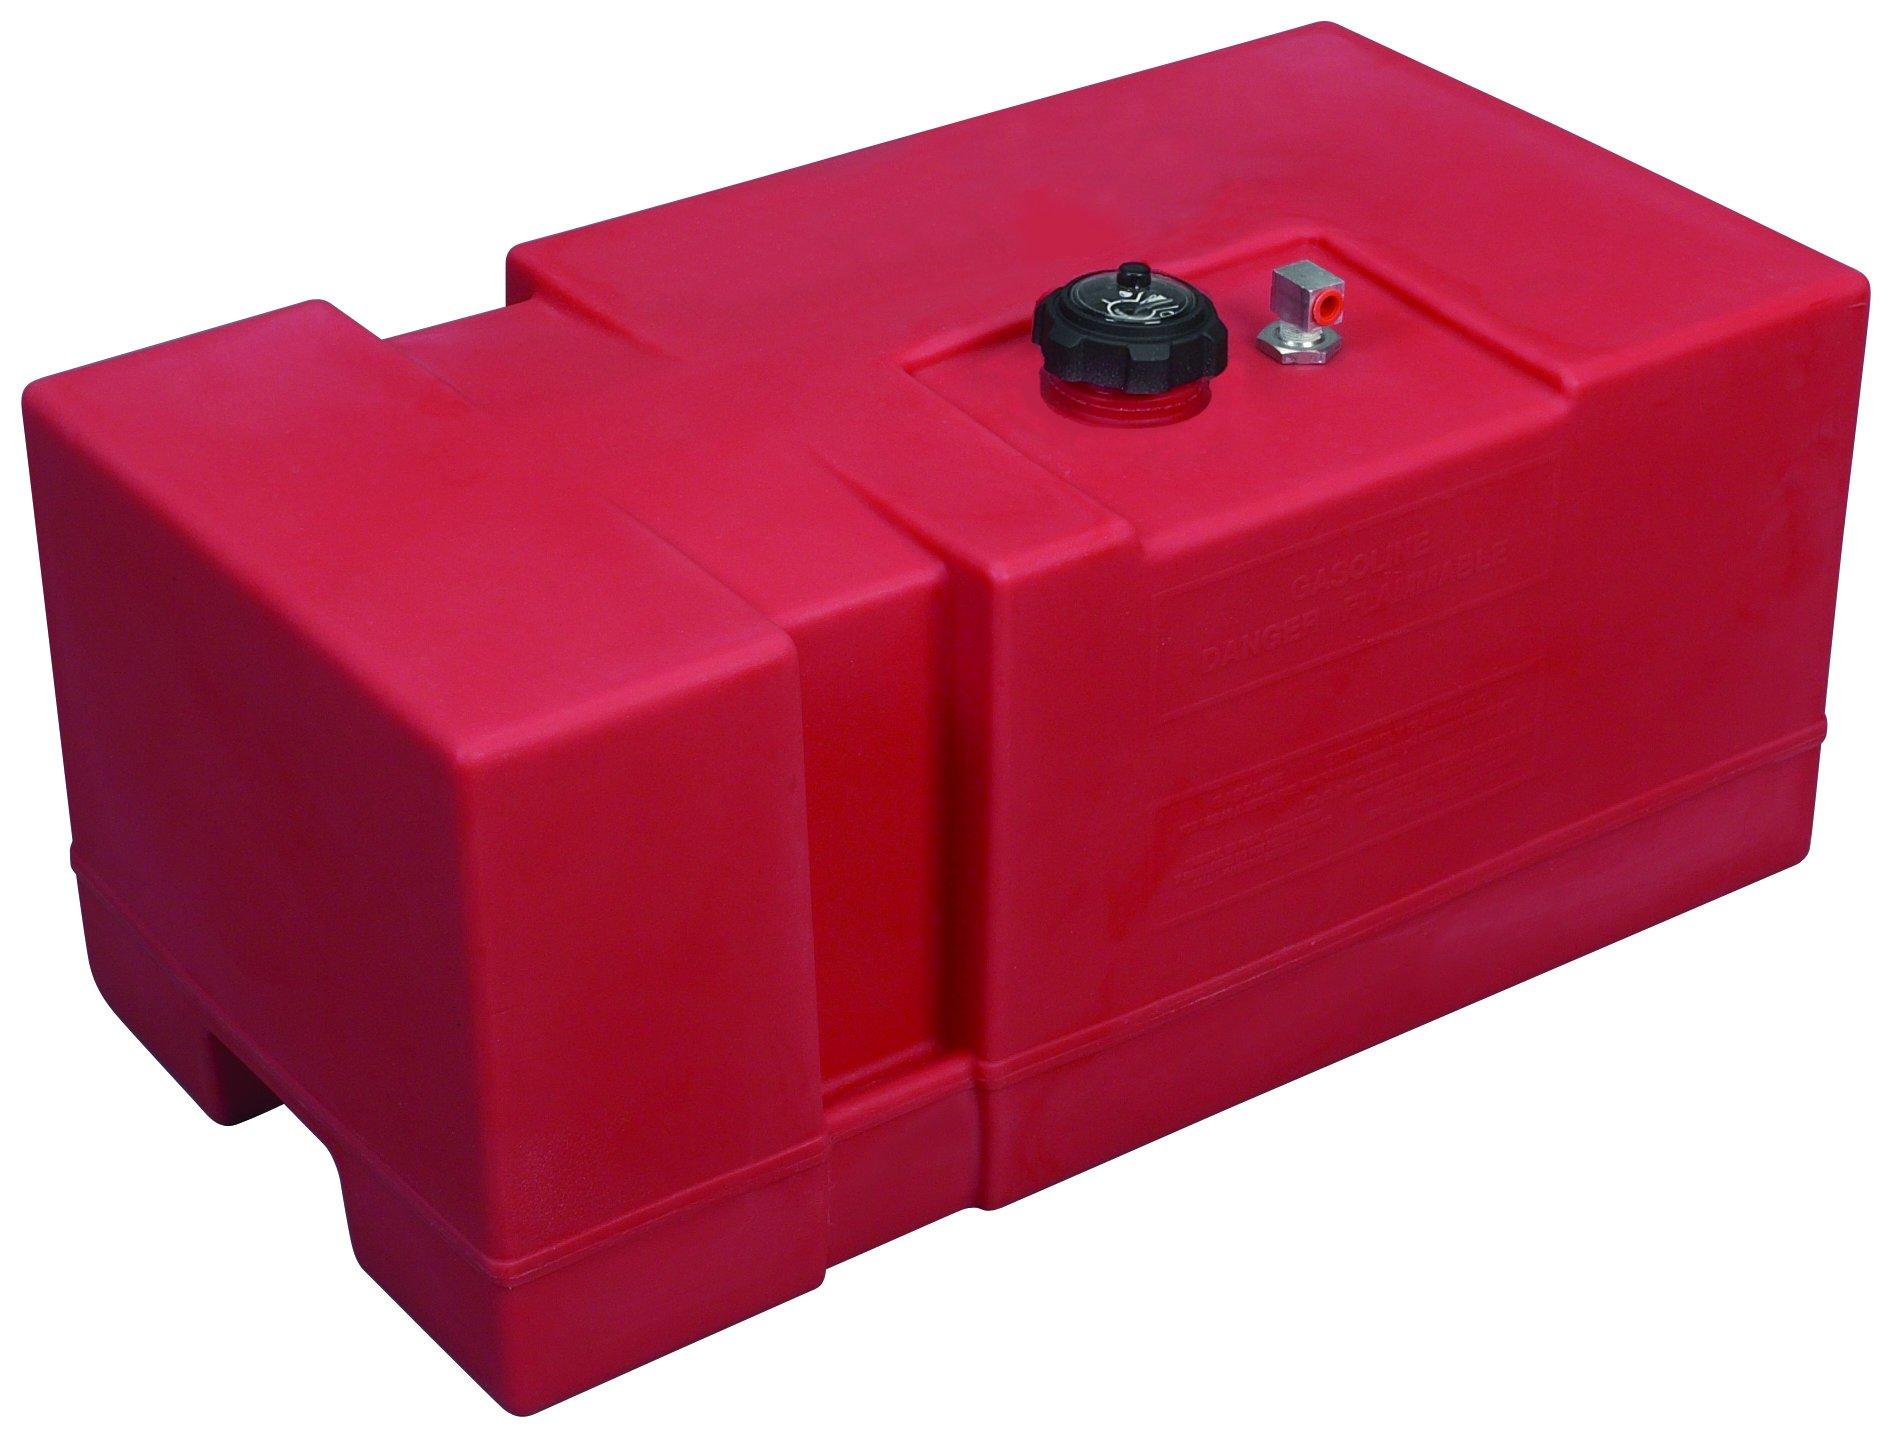 Moeller 031620, Topside Fuel Tank, 18 Gallon, 68 Liter by Moeller Marine